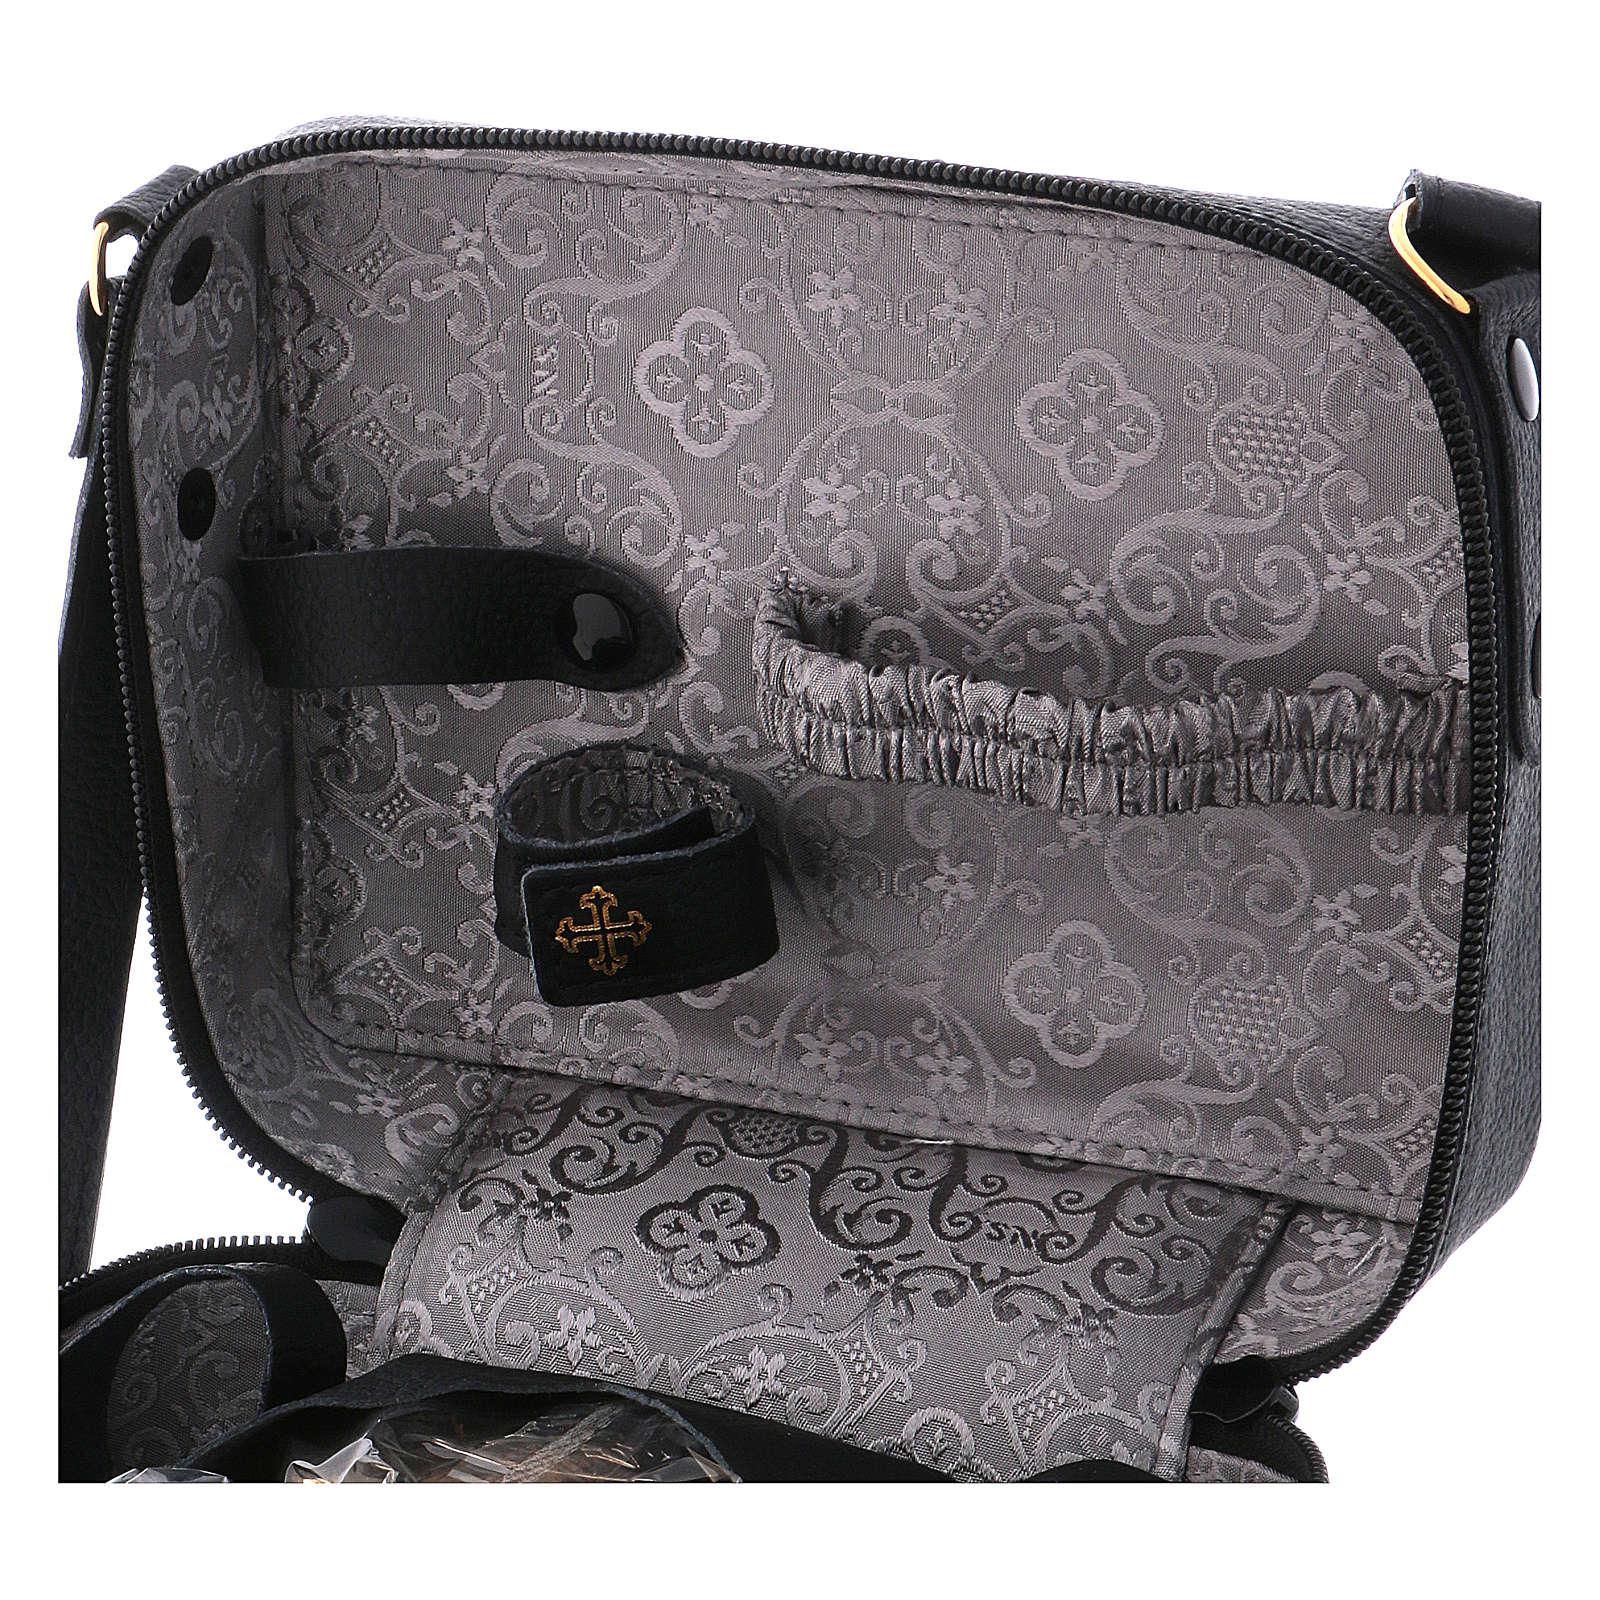 Bolsa tiracolo em couro com kit para Celebração Eucarística Interior Cinzento 3